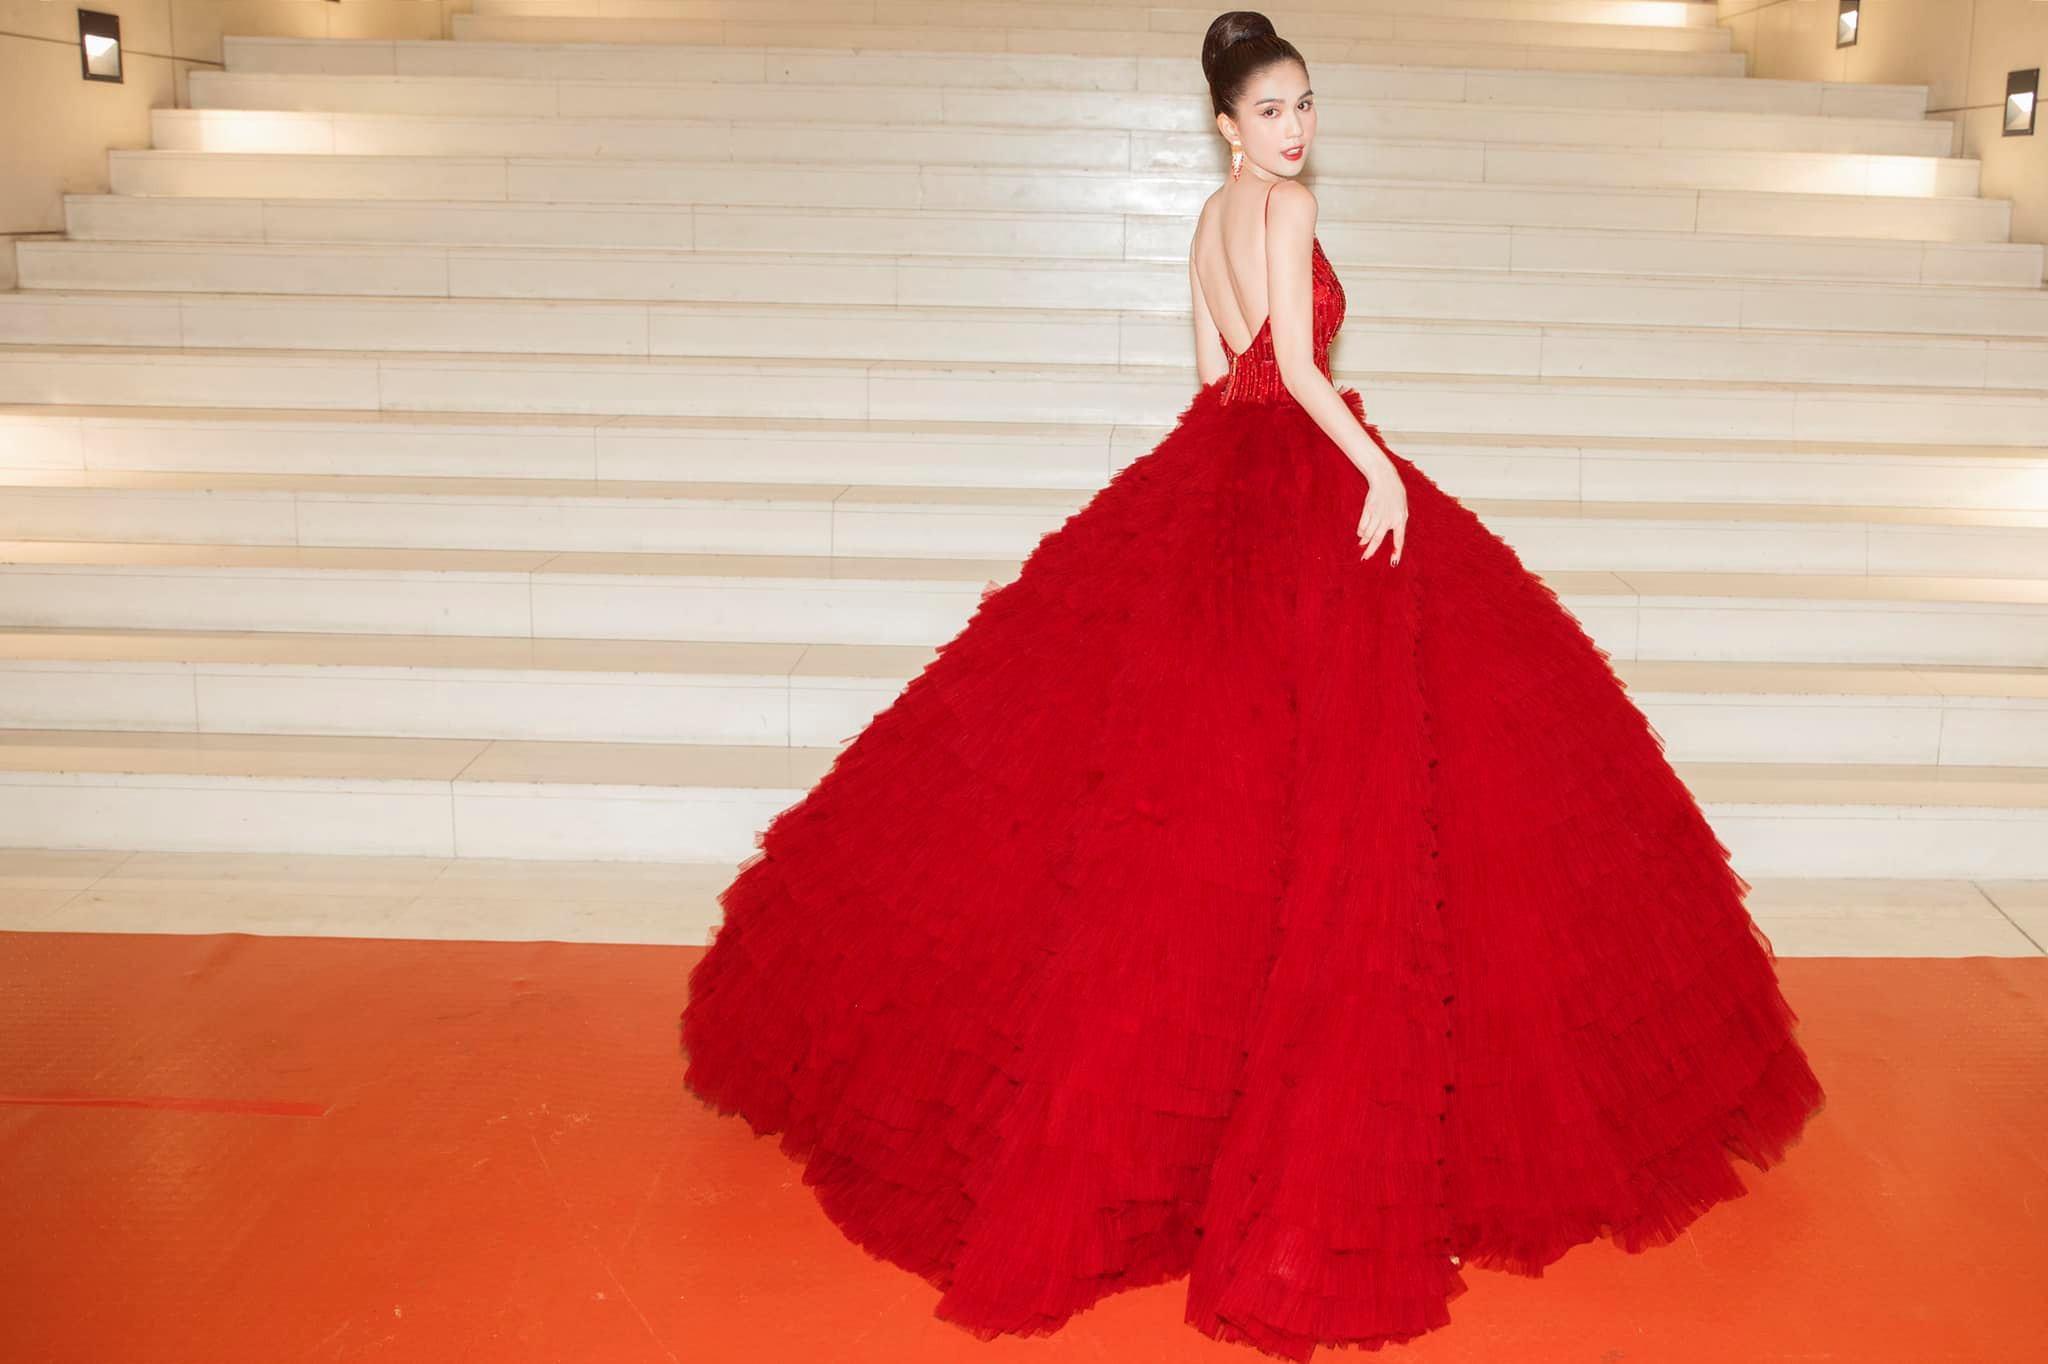 Chán hở bạo, Ngọc Trinh diện váy đỏ hóa thành công chúa lộng lẫy Ảnh 5